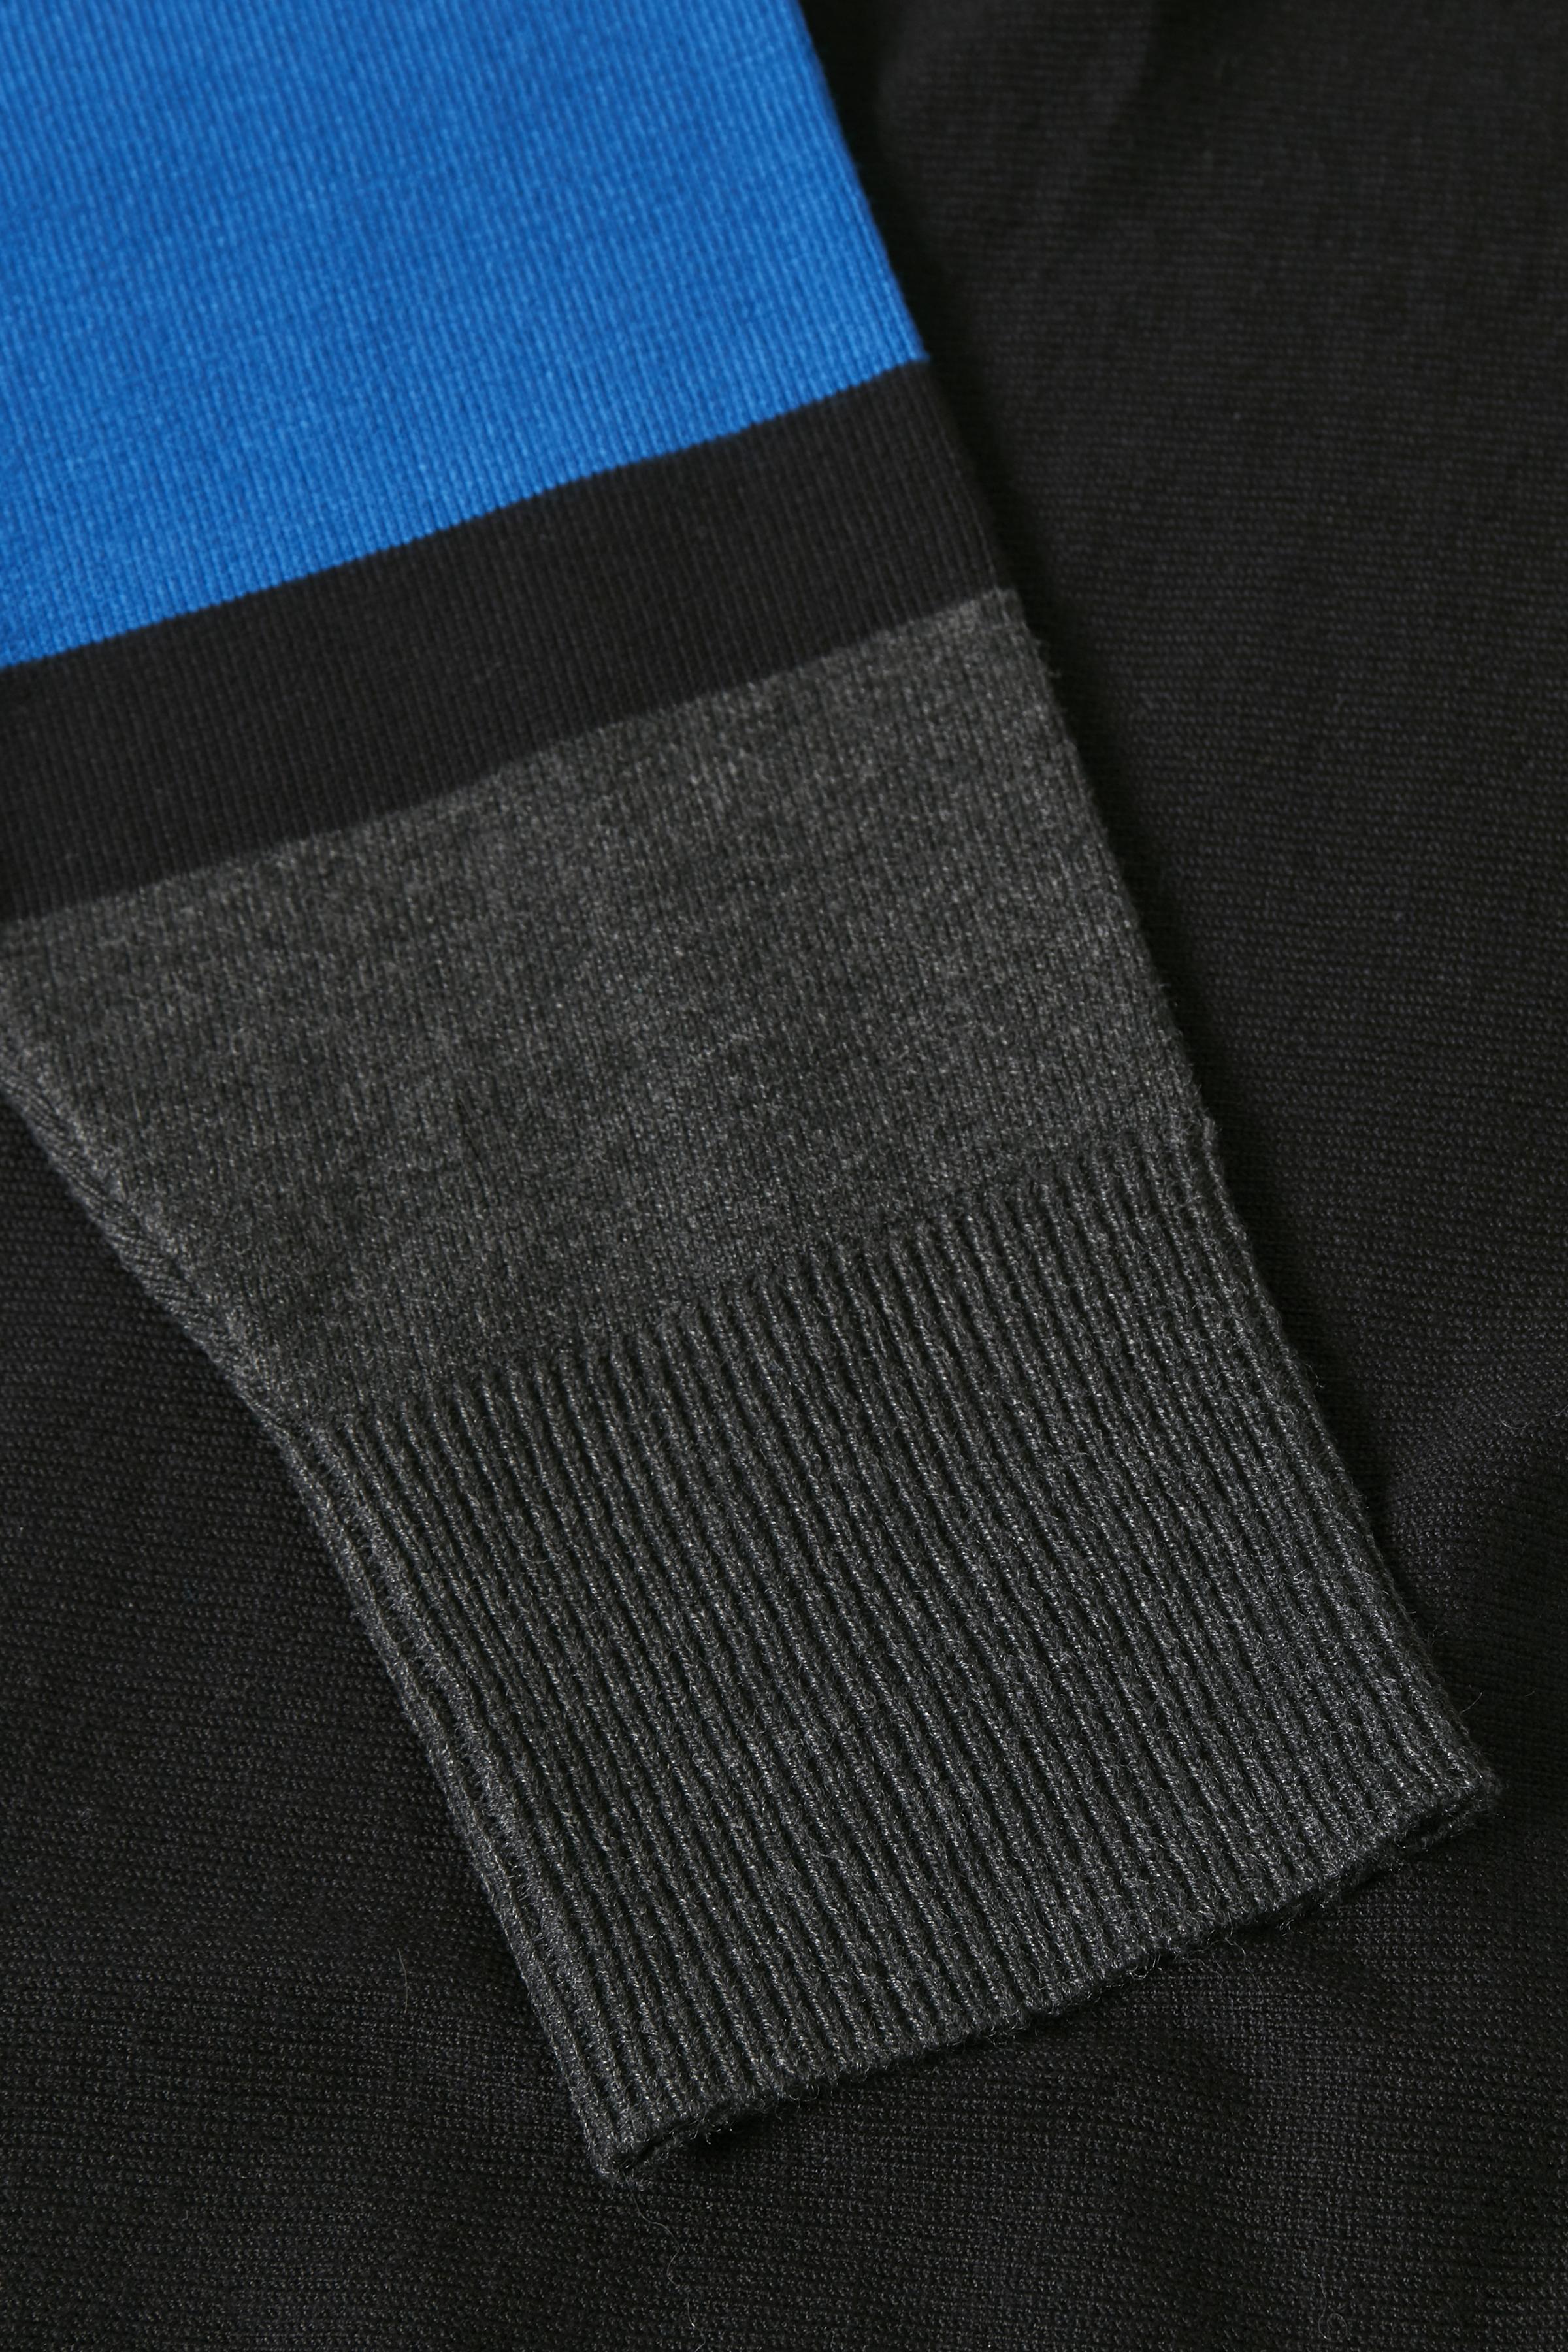 Sort/blå Strikpullover fra Bon'A Parte – Køb Sort/blå Strikpullover fra str. S-2XL her